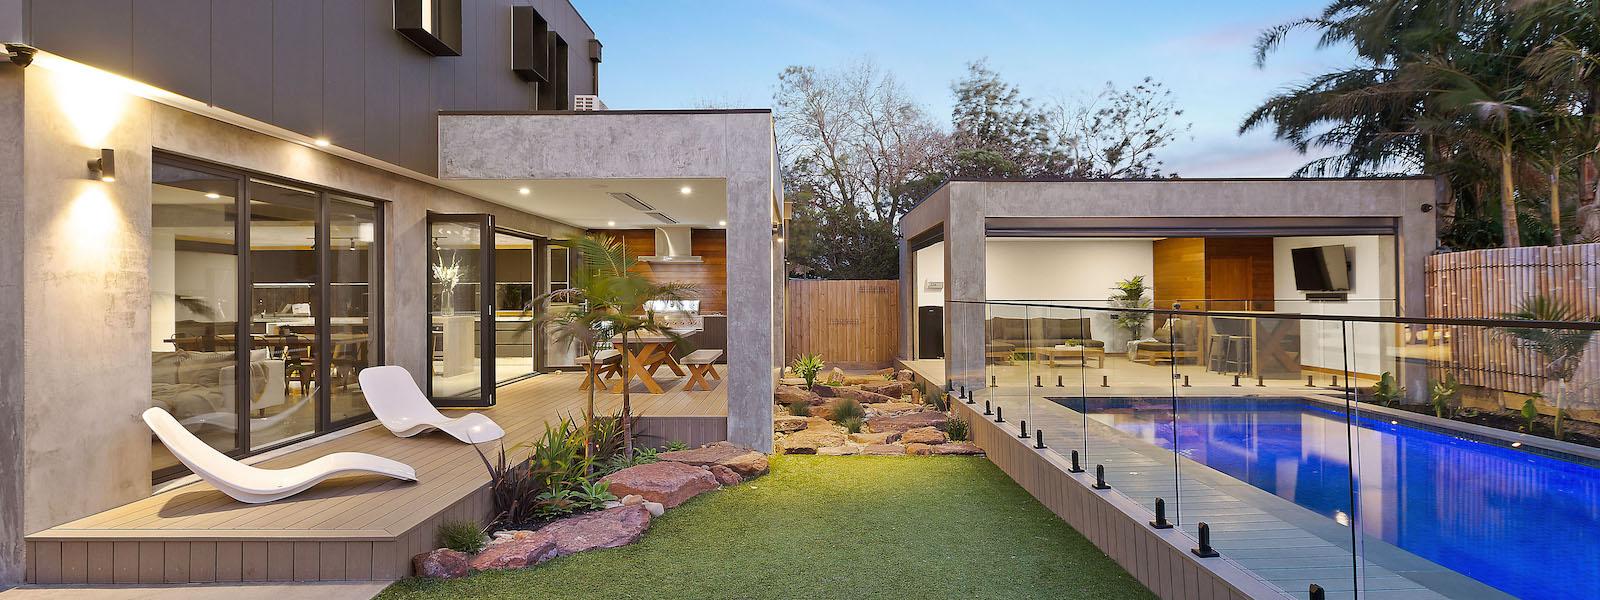 Backyard-dyson